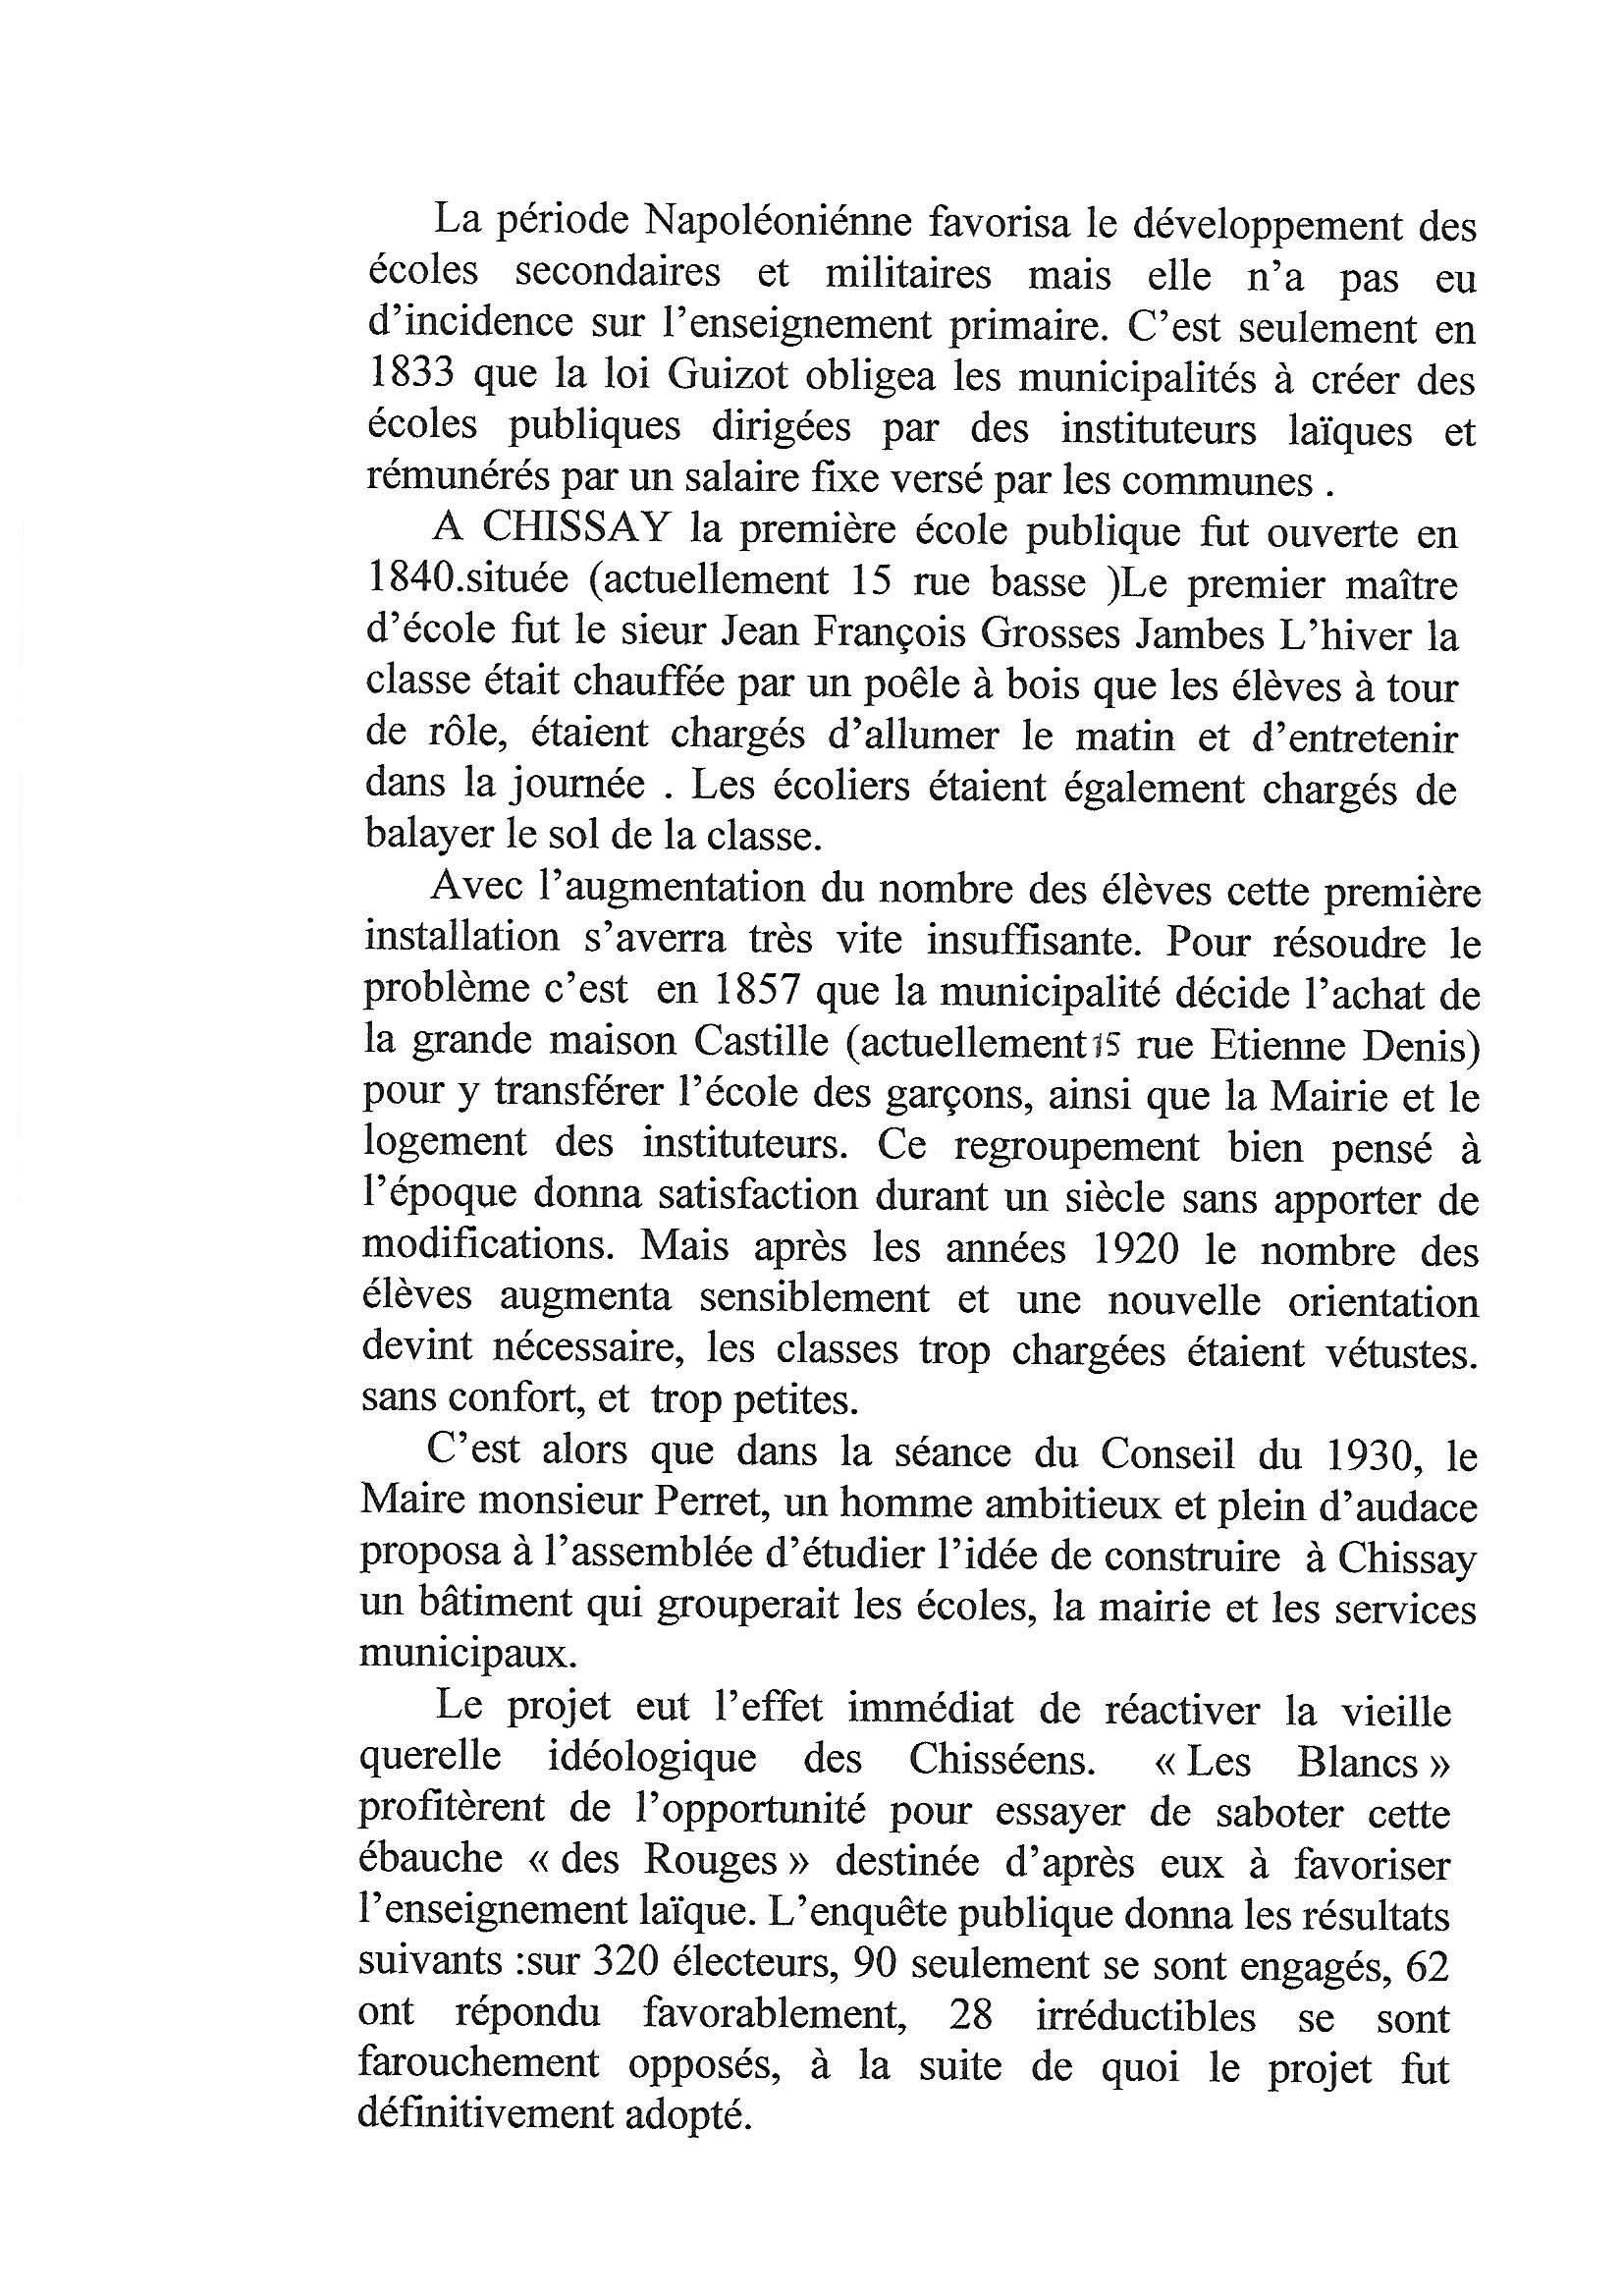 Groupe scolaire de Chissay page 2 - image/jpeg